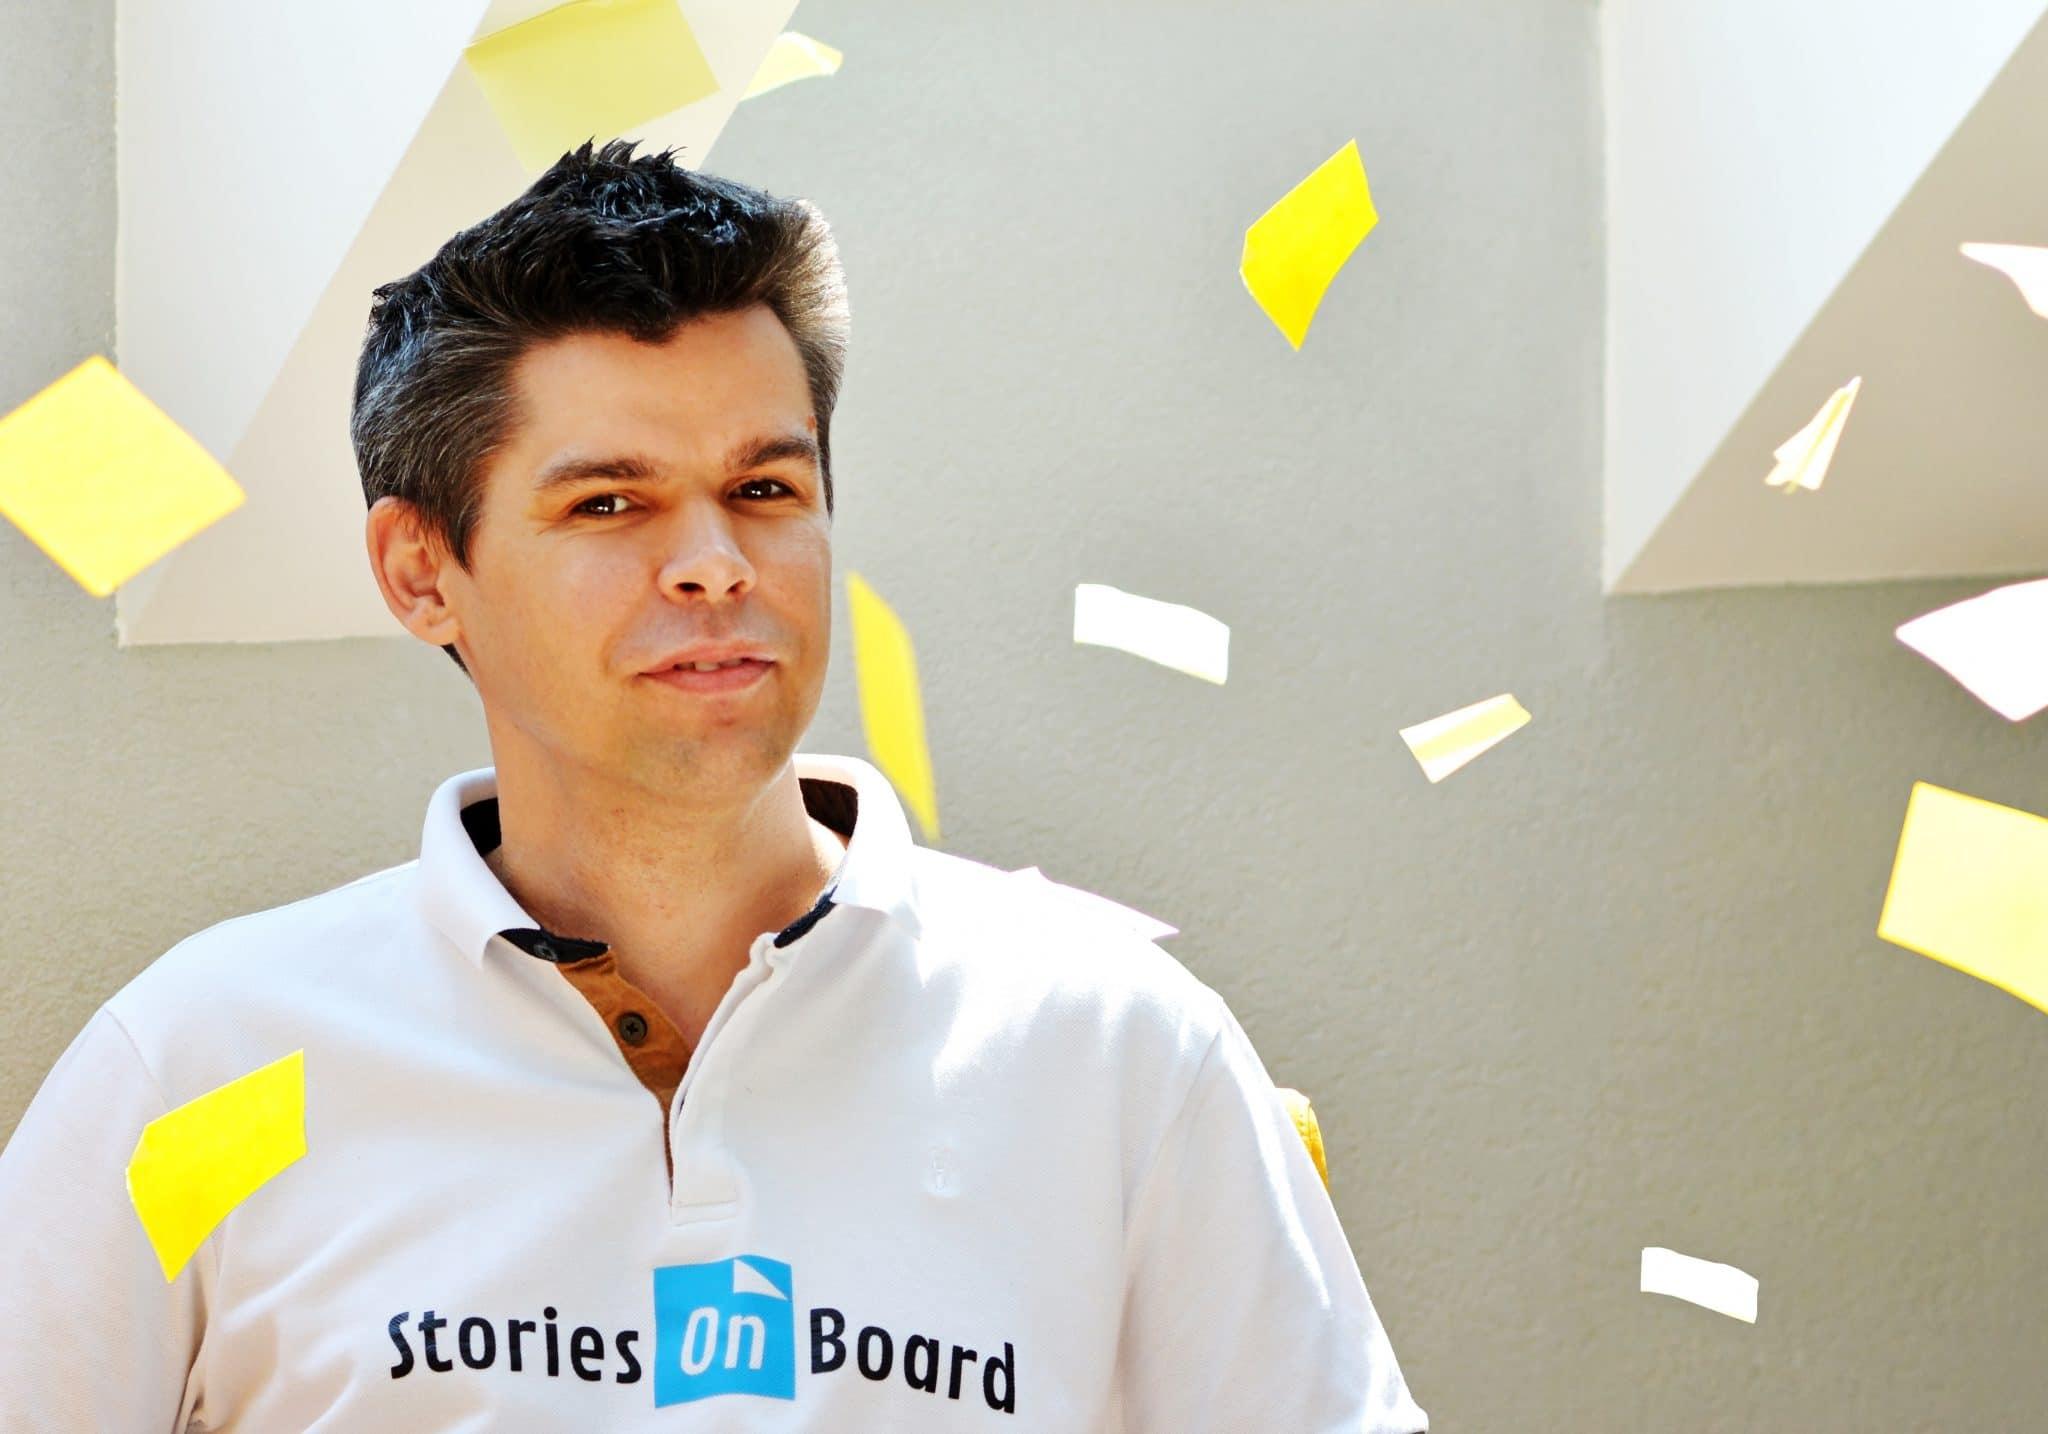 Arpad Tamas StoriesOnBoard